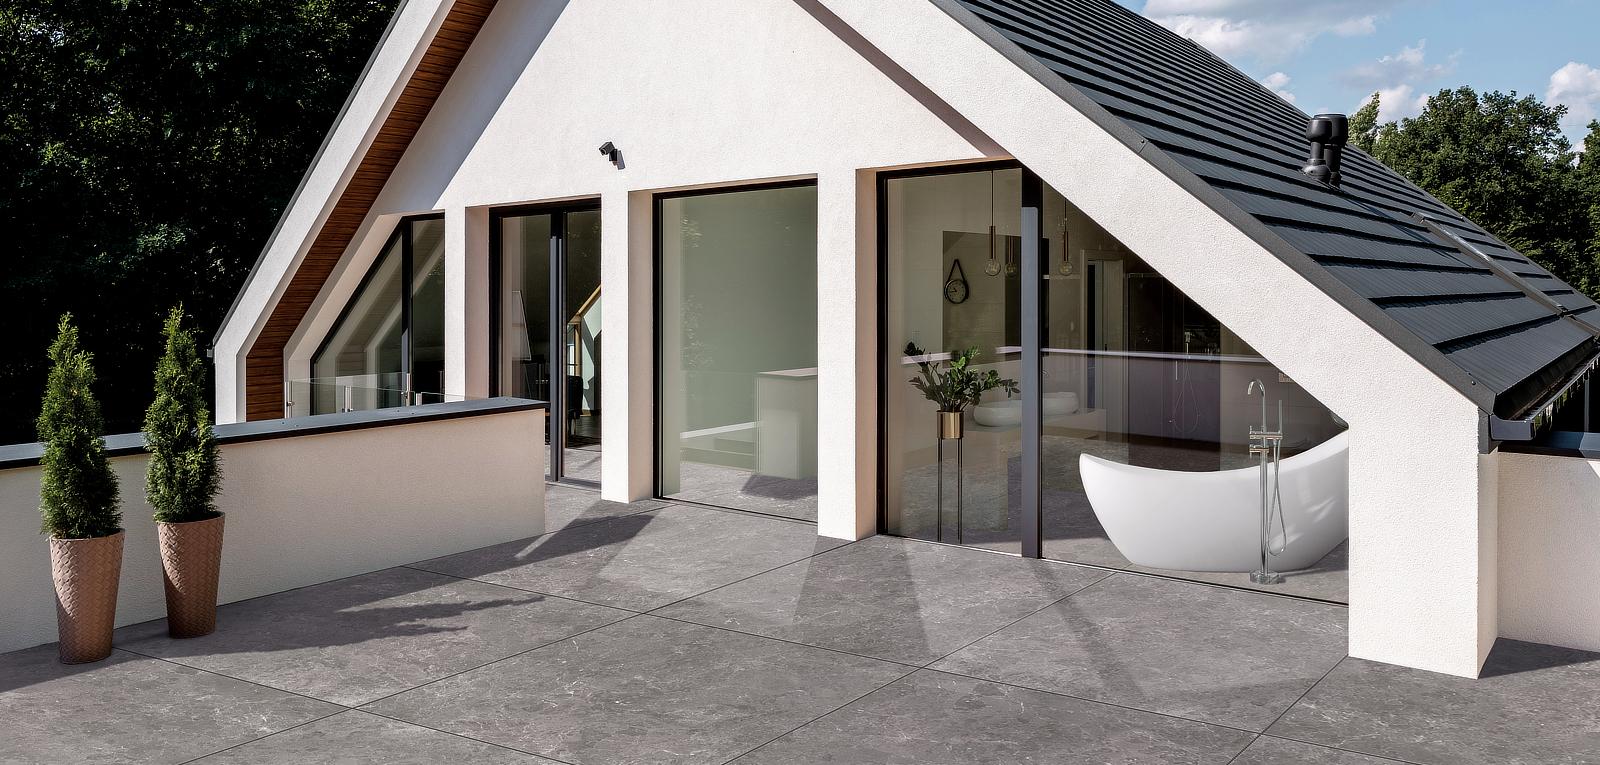 tagina-marmore-grigio-outdoor